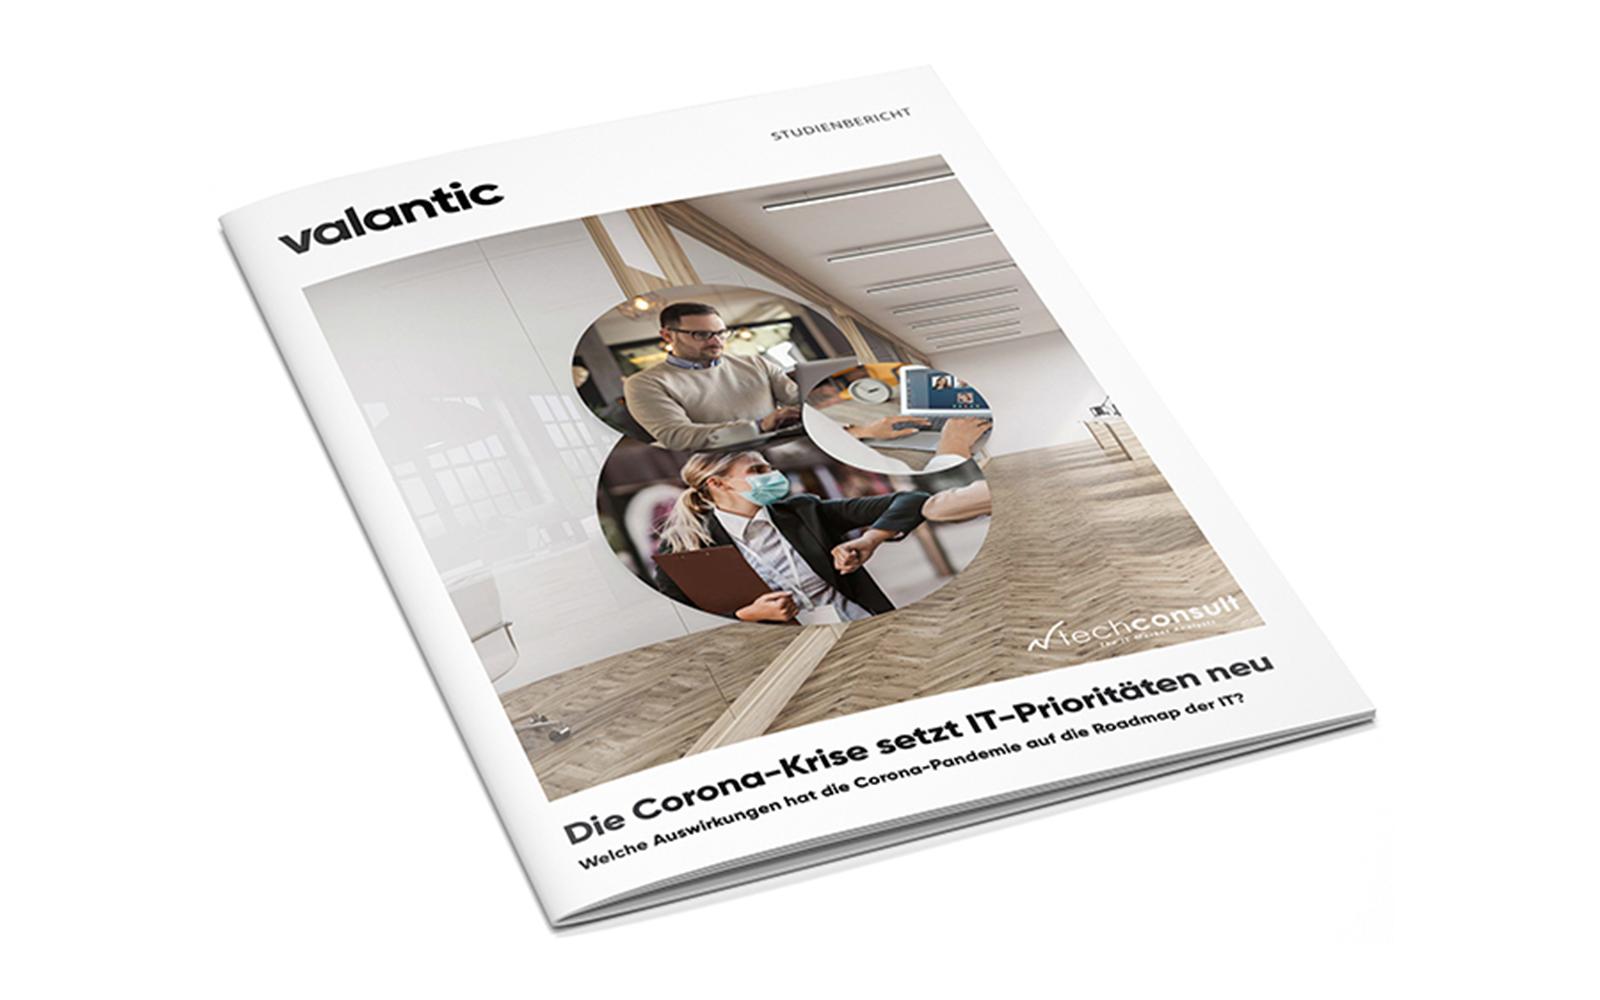 Titel-Cover der valantic & TechConsult Studie: